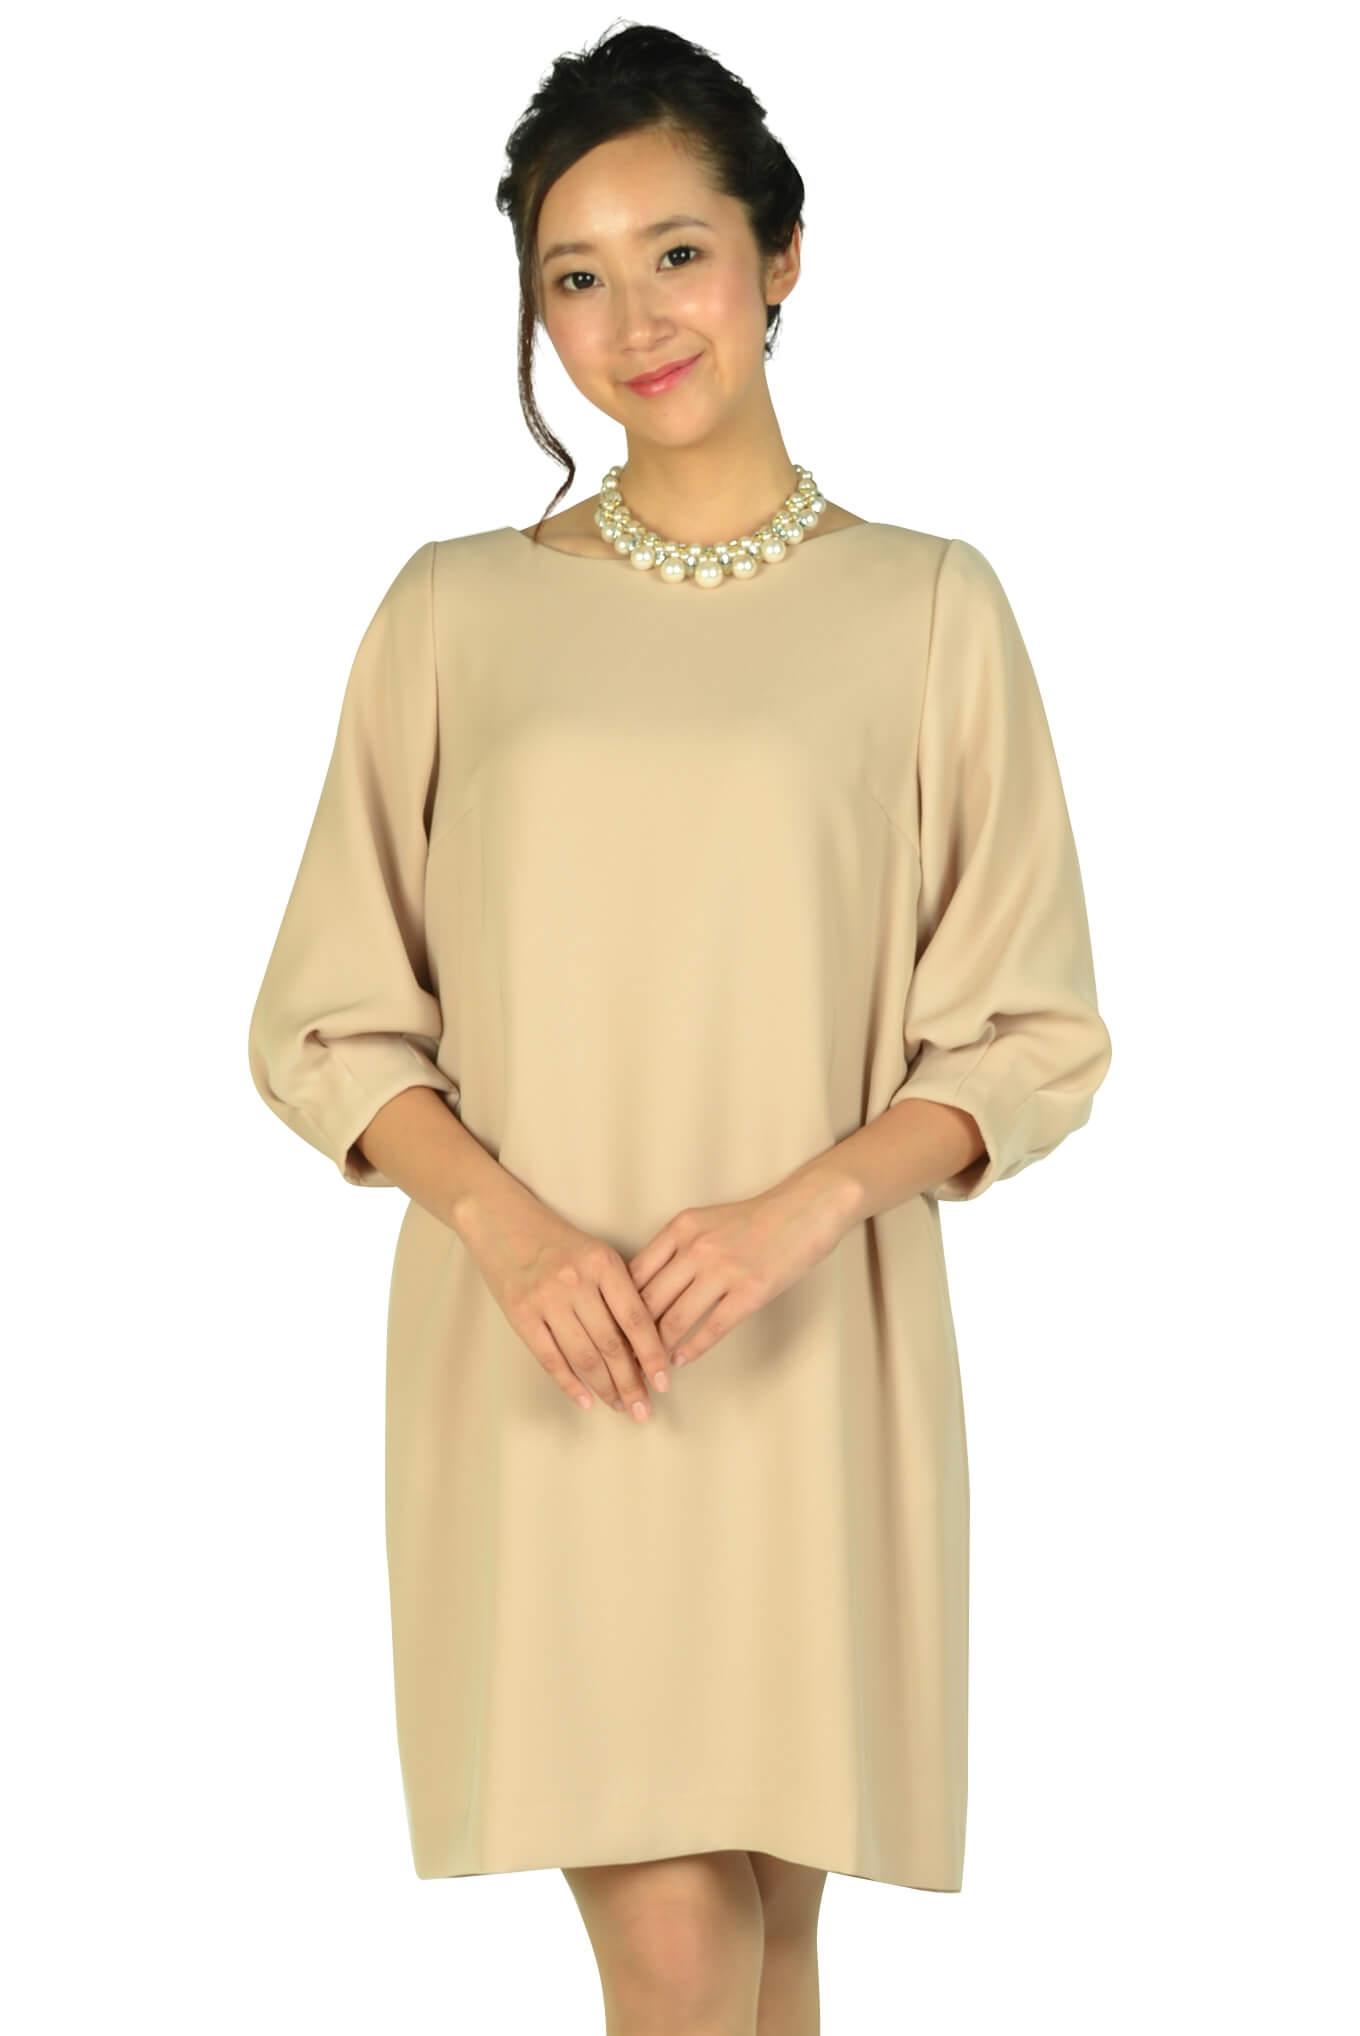 アナトリエ (anatelier)Iライン袖付きピンクベージュドレス